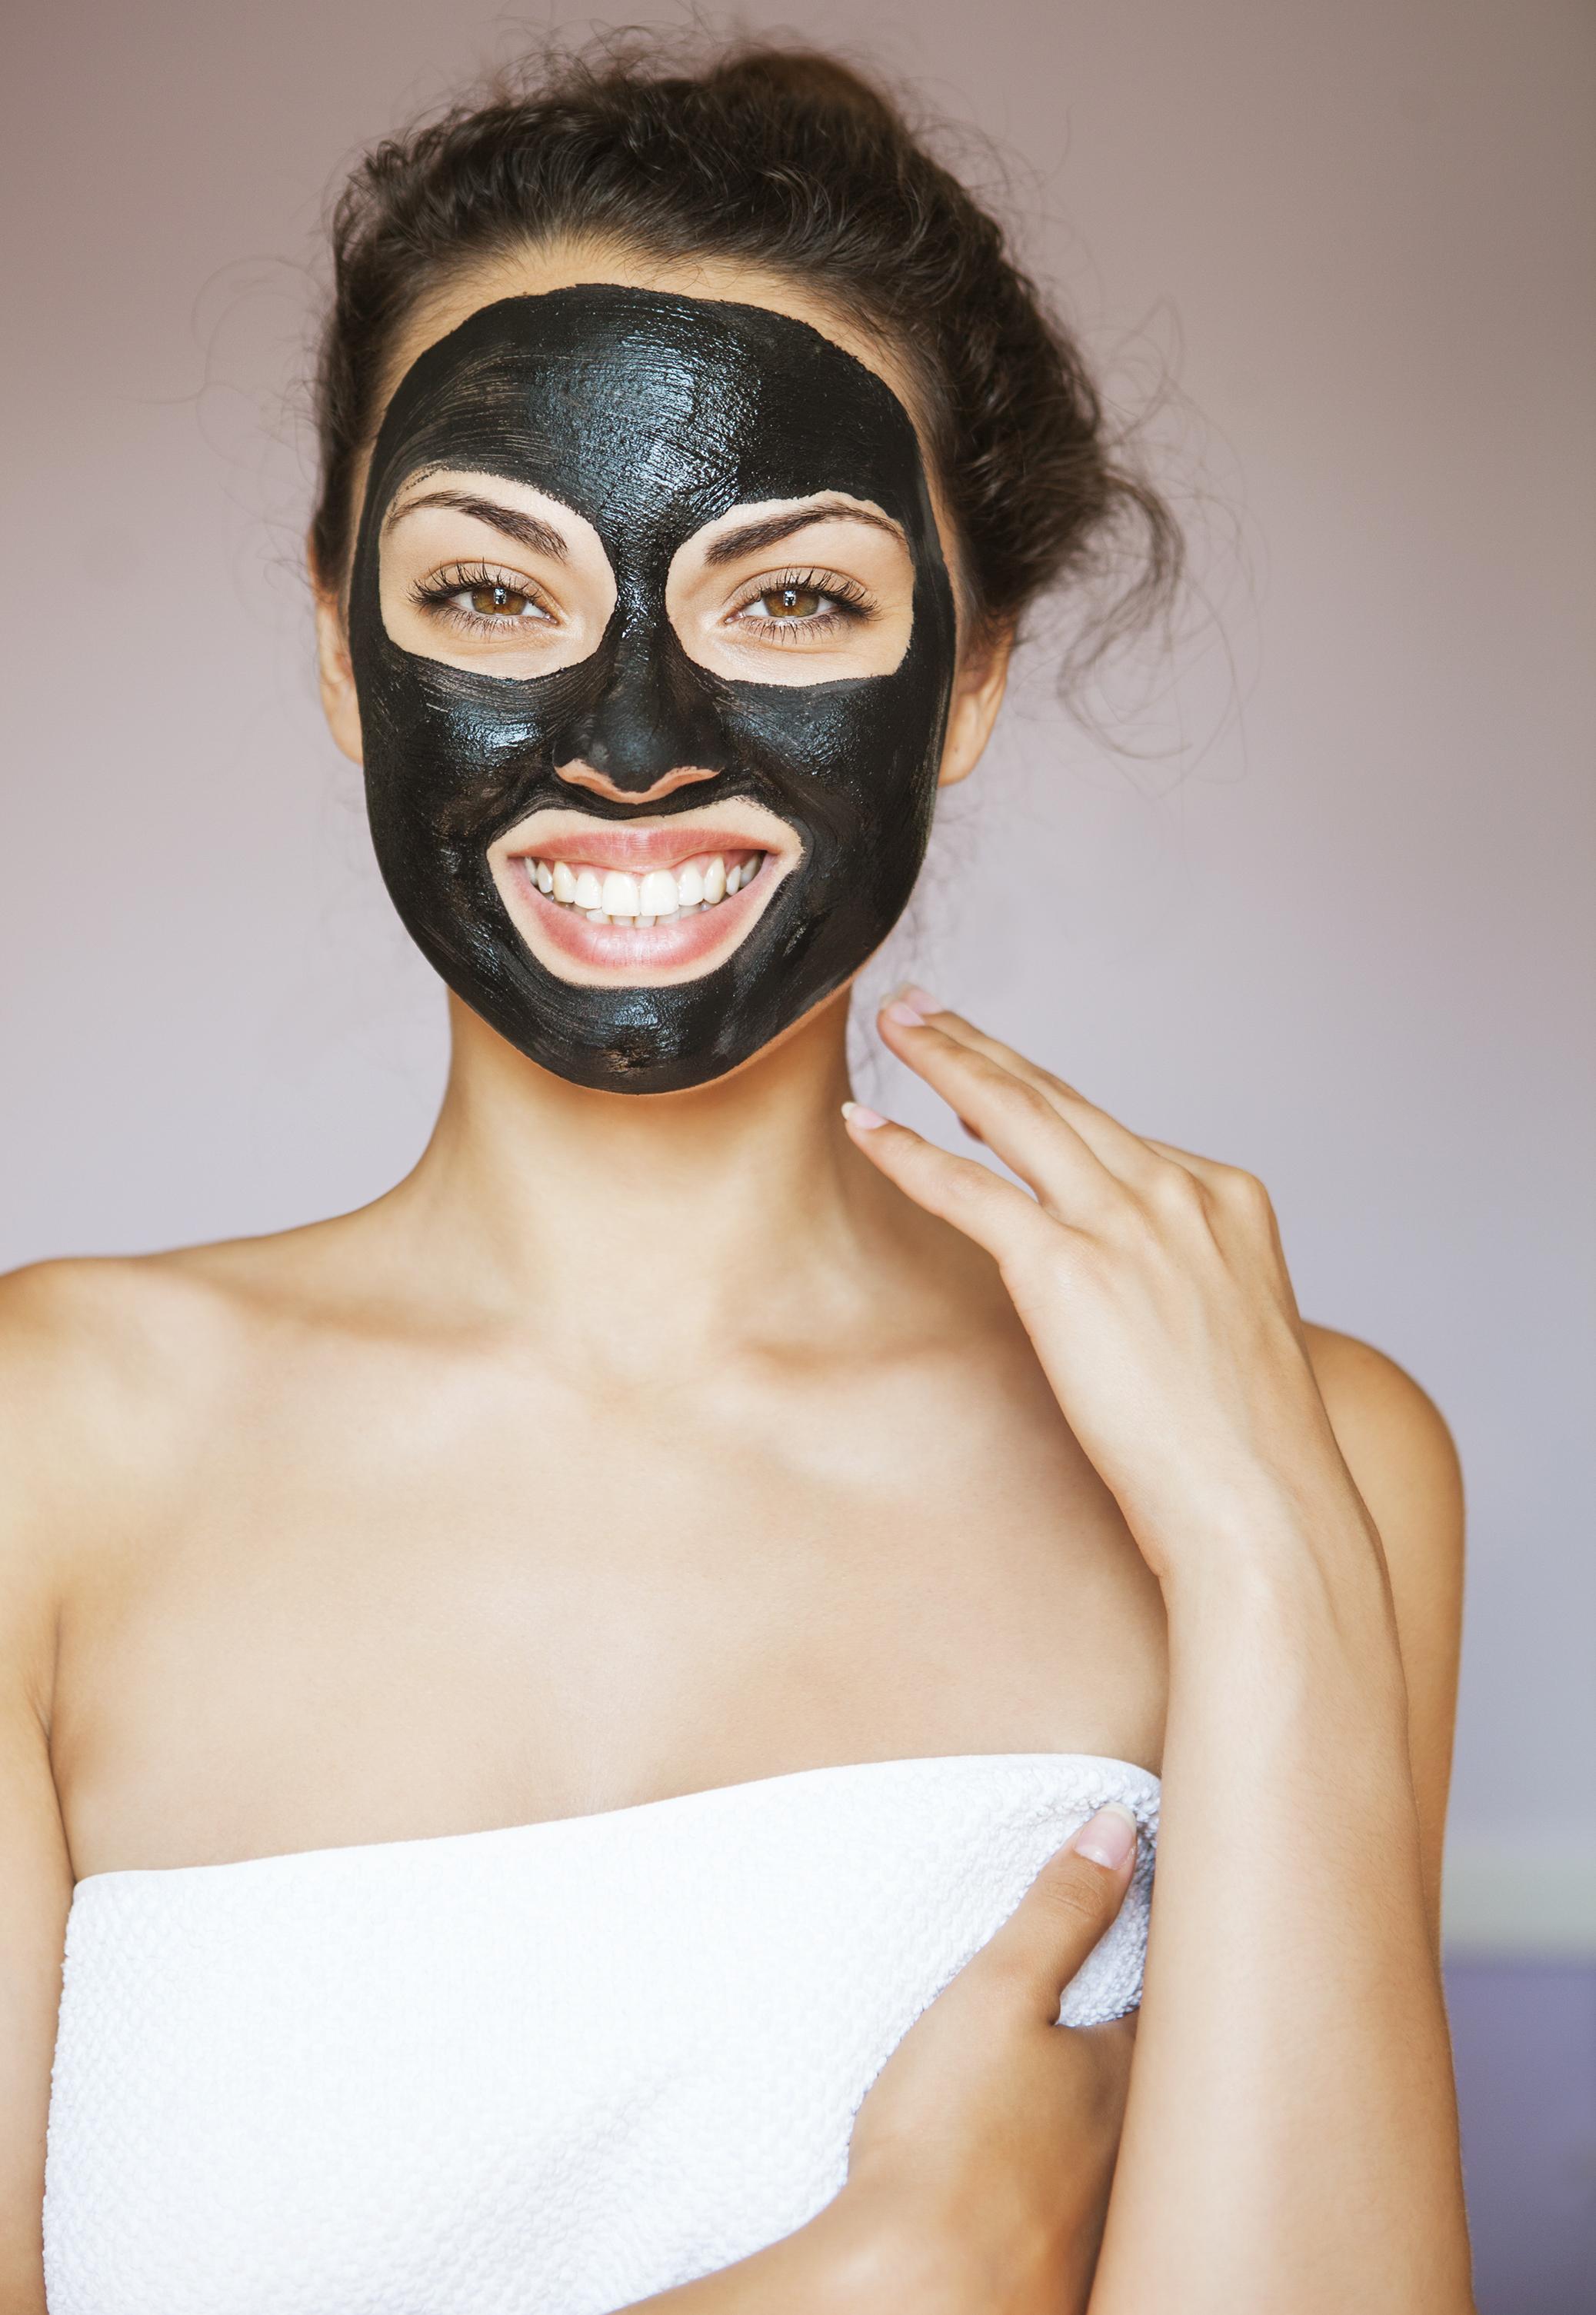 Le maquillage monochrome comme nouvelle tendance beauté de